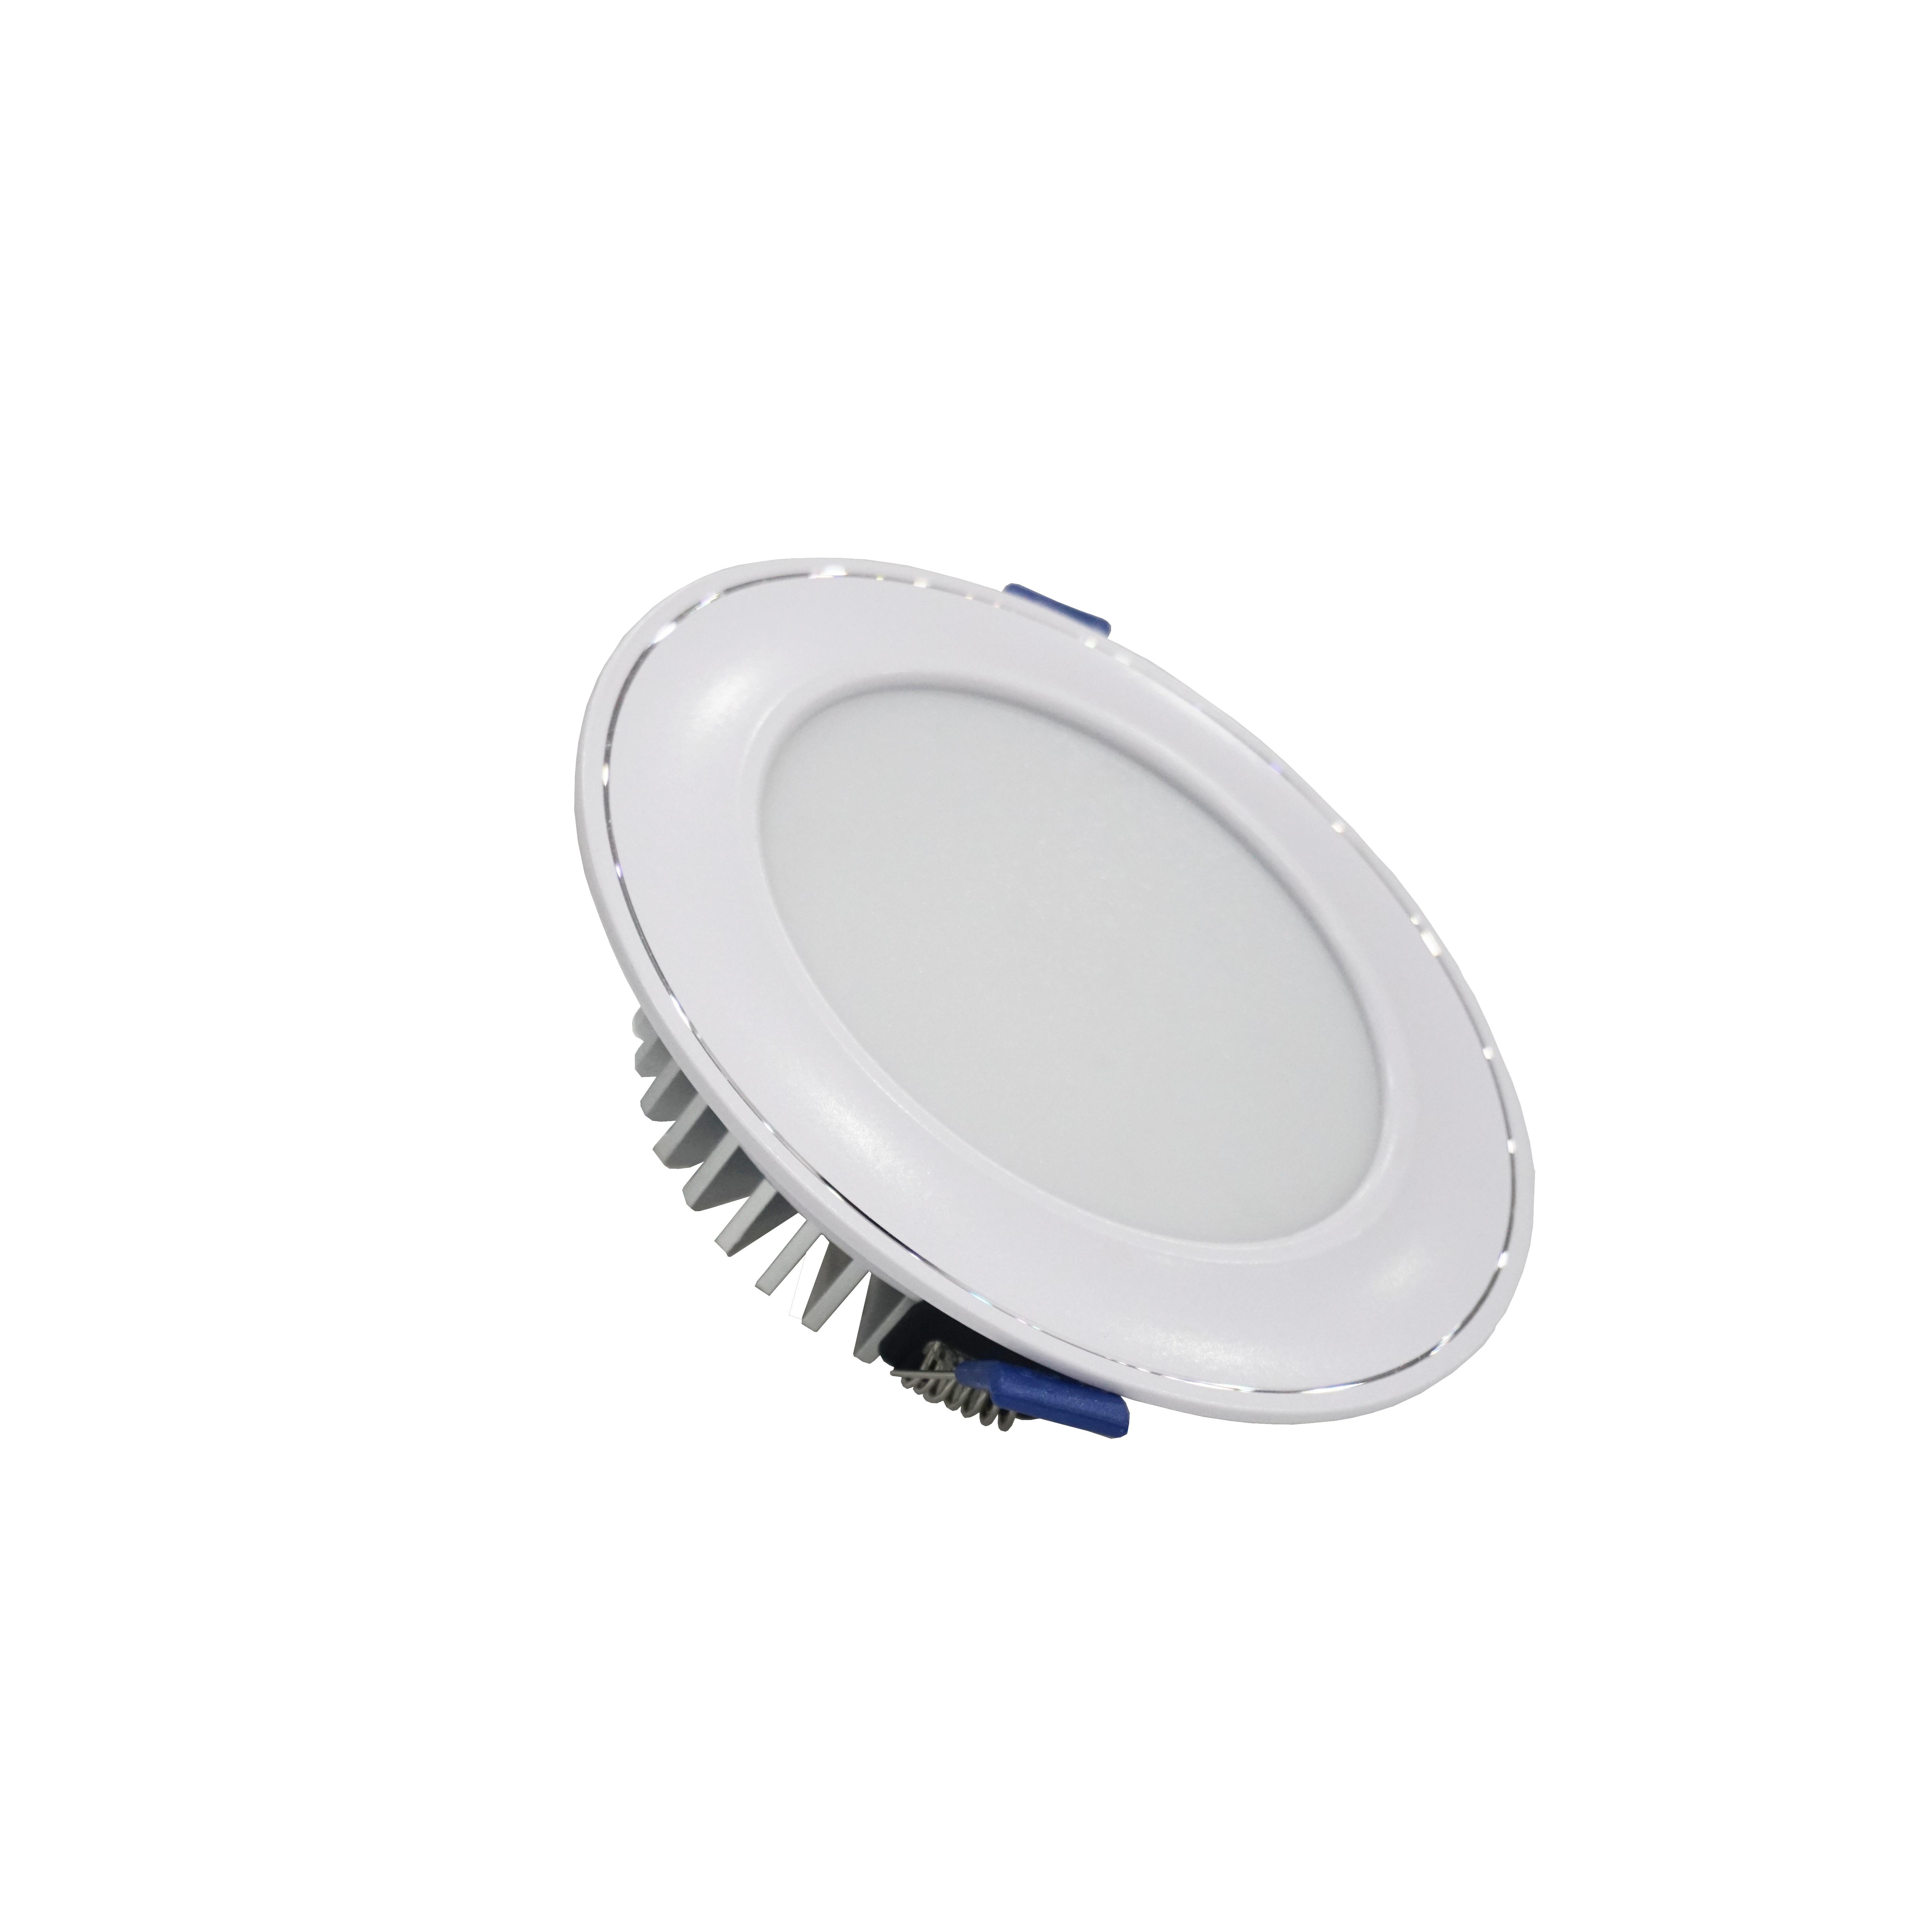 Đèn led âm trần mặt cong 12W mặt trắng (đơn sắc) - TLC Lighting